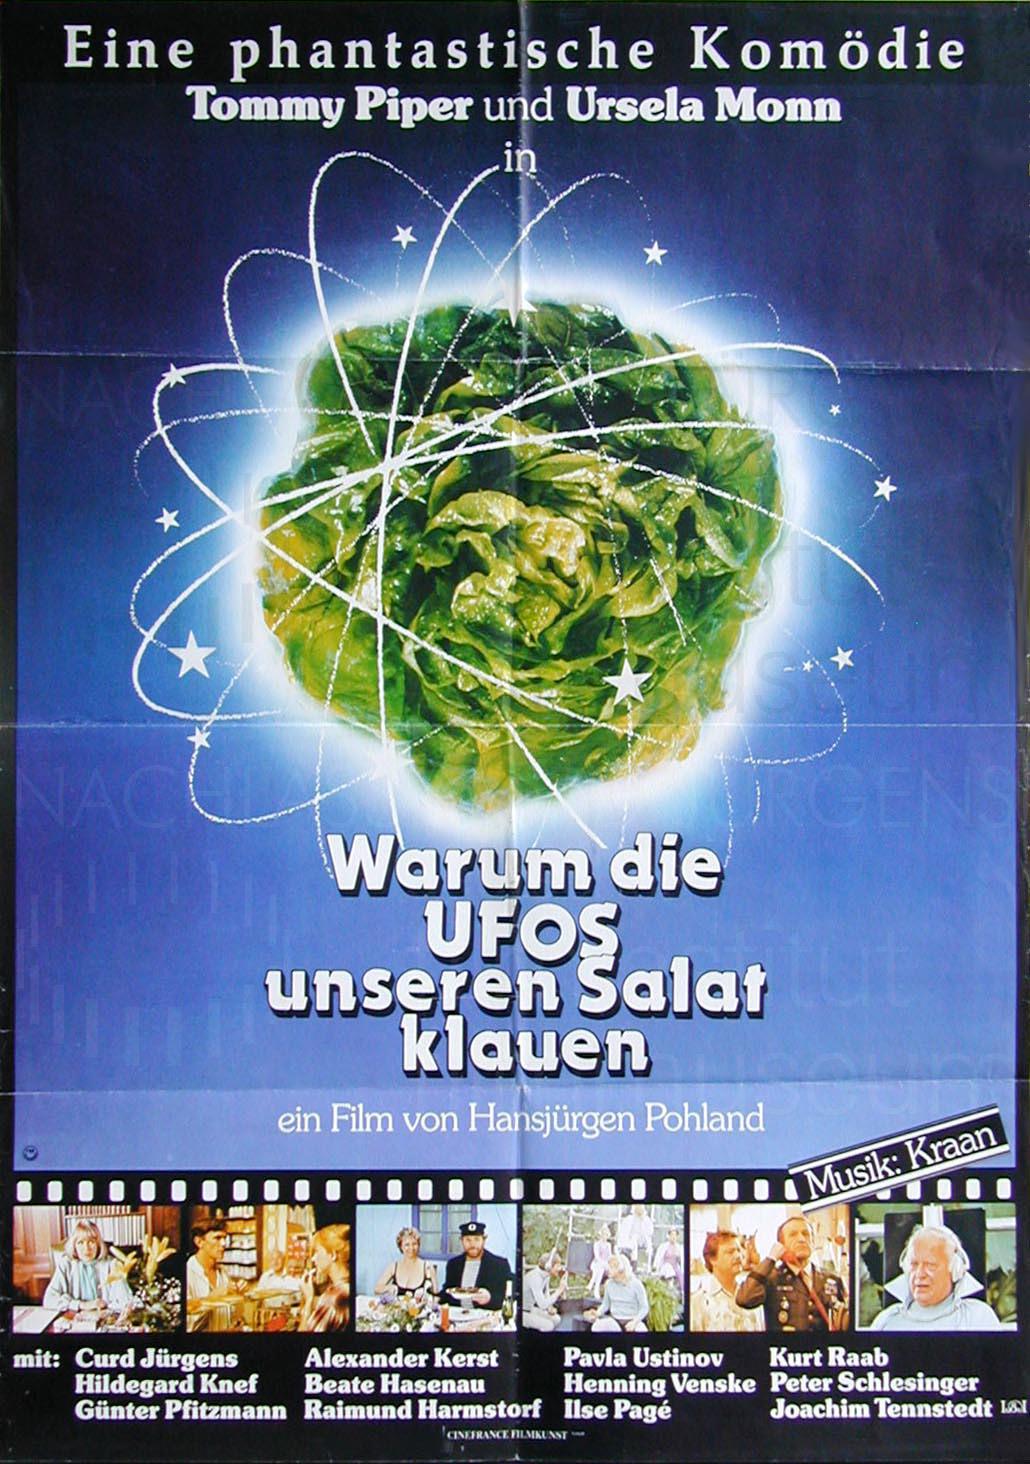 WARUM DIE UFOS UNSEREN SALAT KLAUEN (1980)